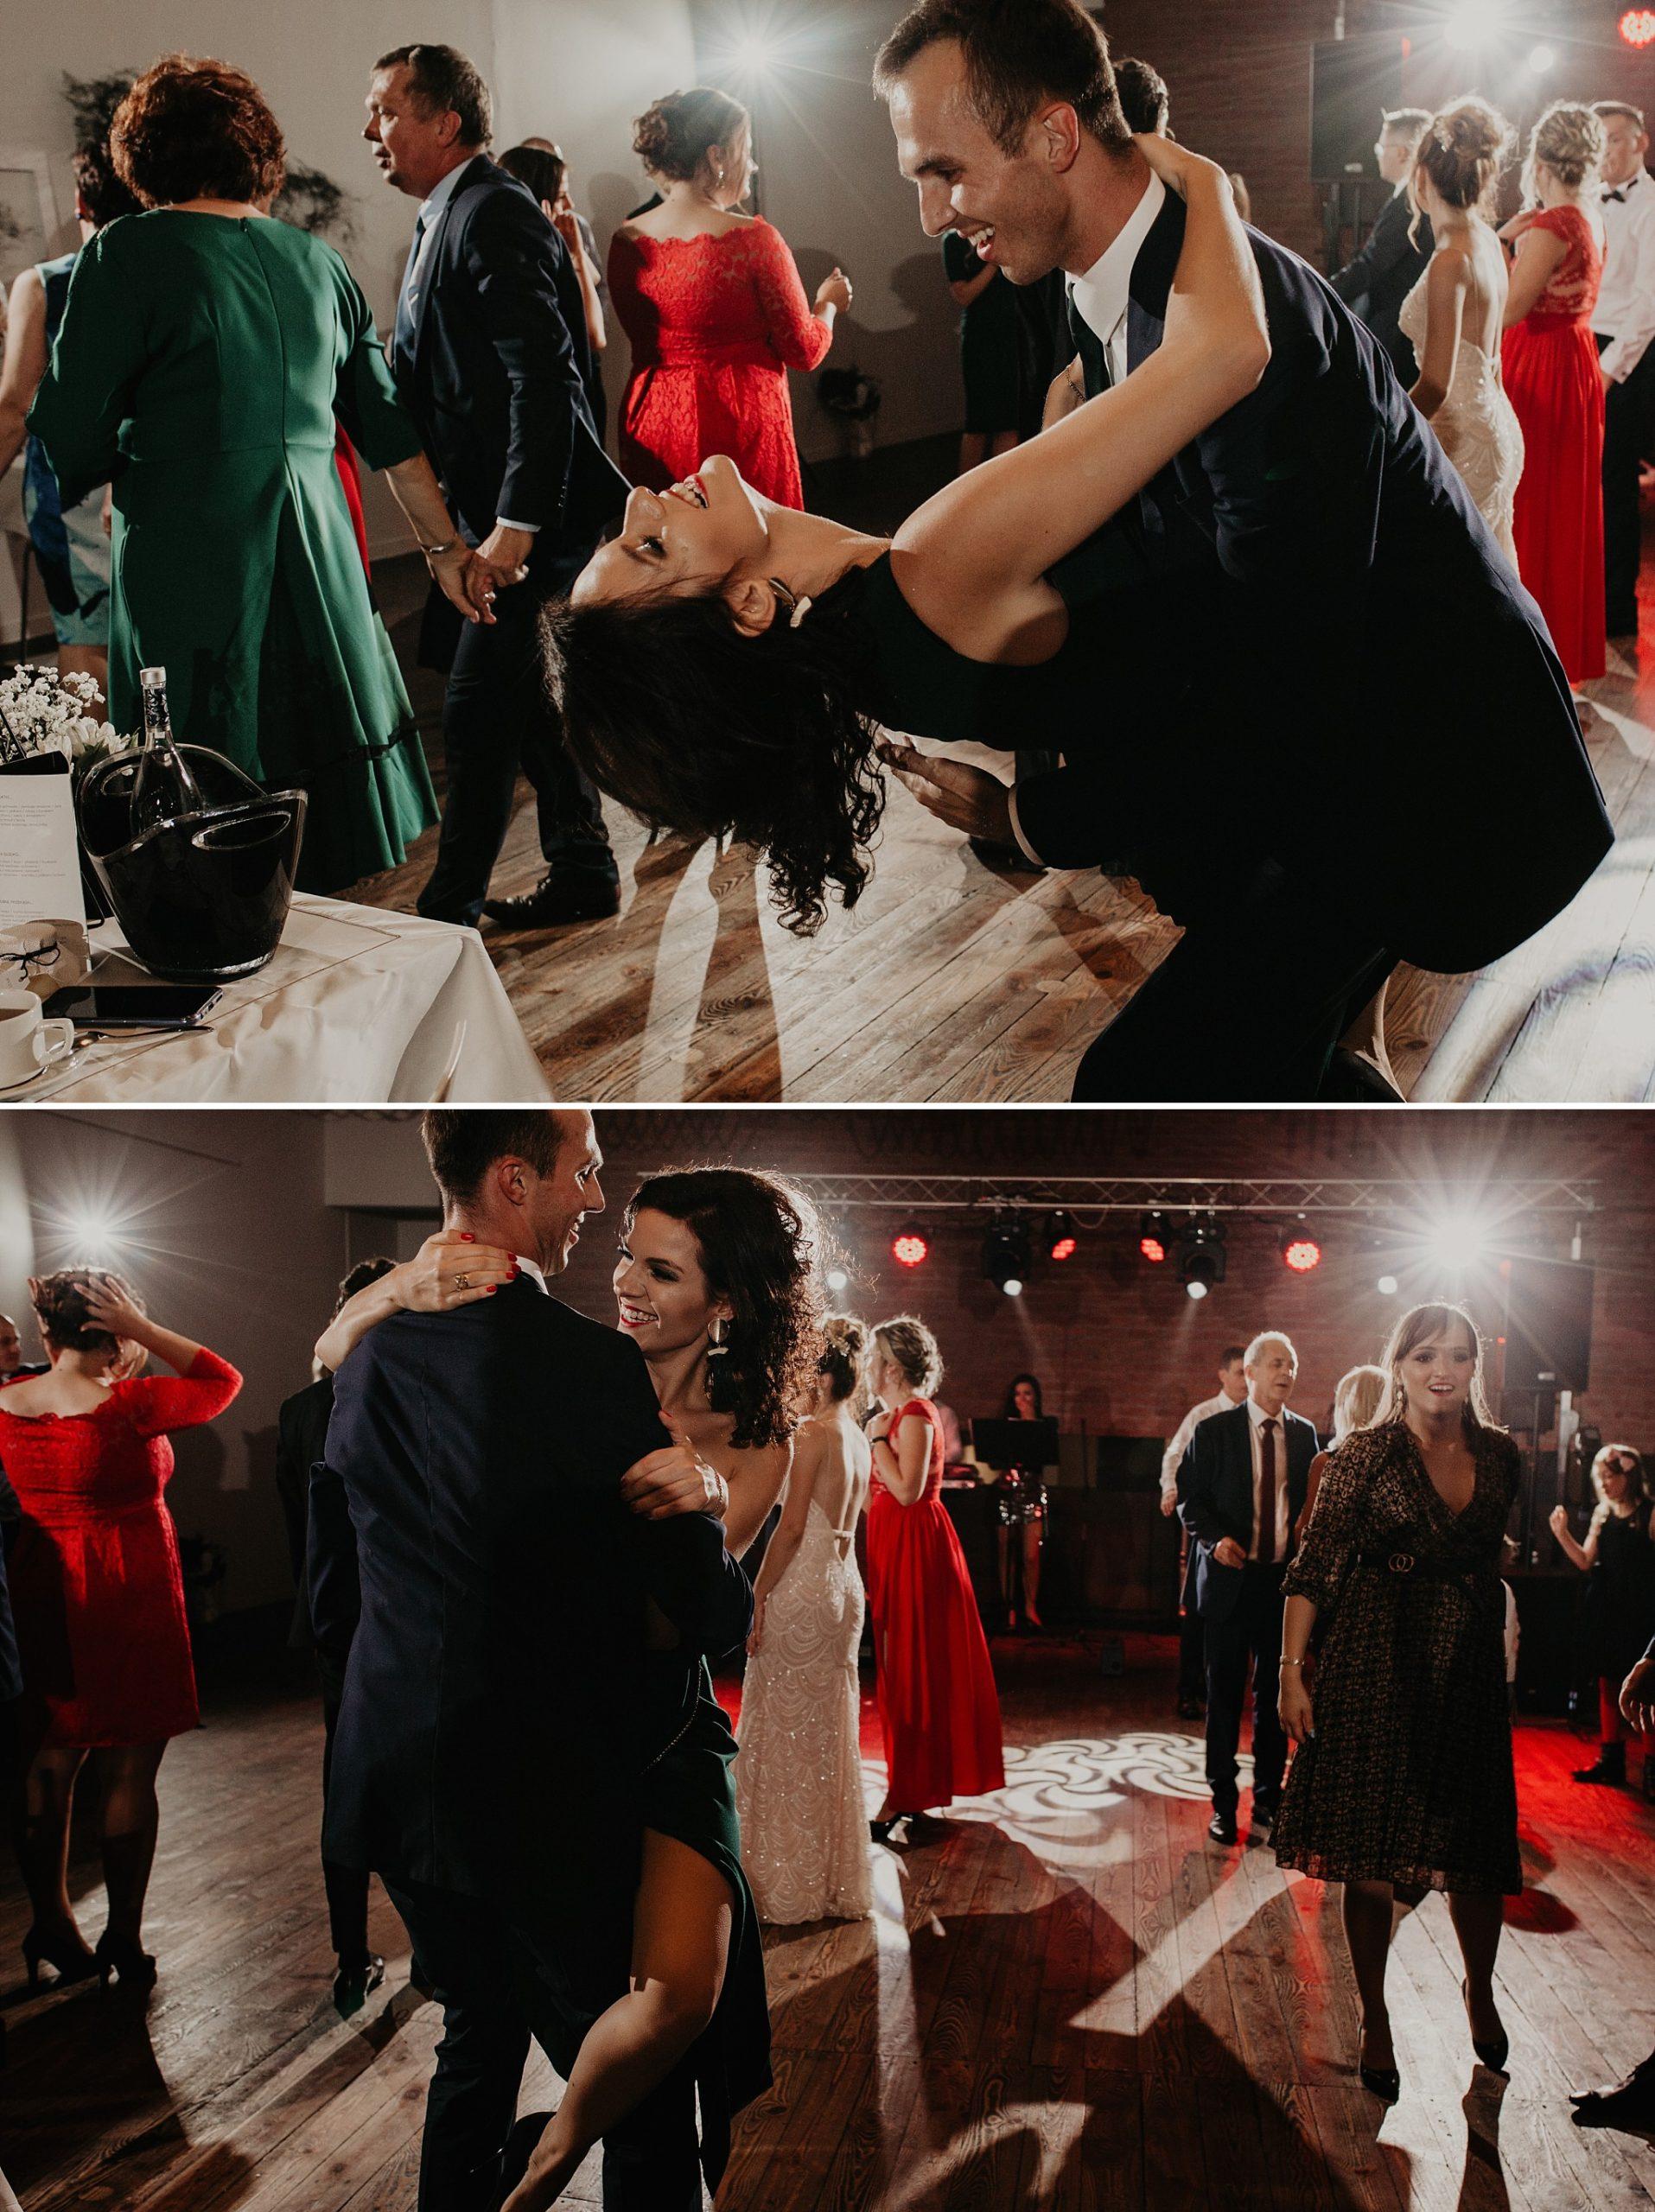 fotograf poznan wesele dobra truskawka piekne wesele pod poznaniem wesele w dobrej truskawce piekna para mloda slub marzen slub koronawirus slub listopad wesele koronawirus 414 scaled